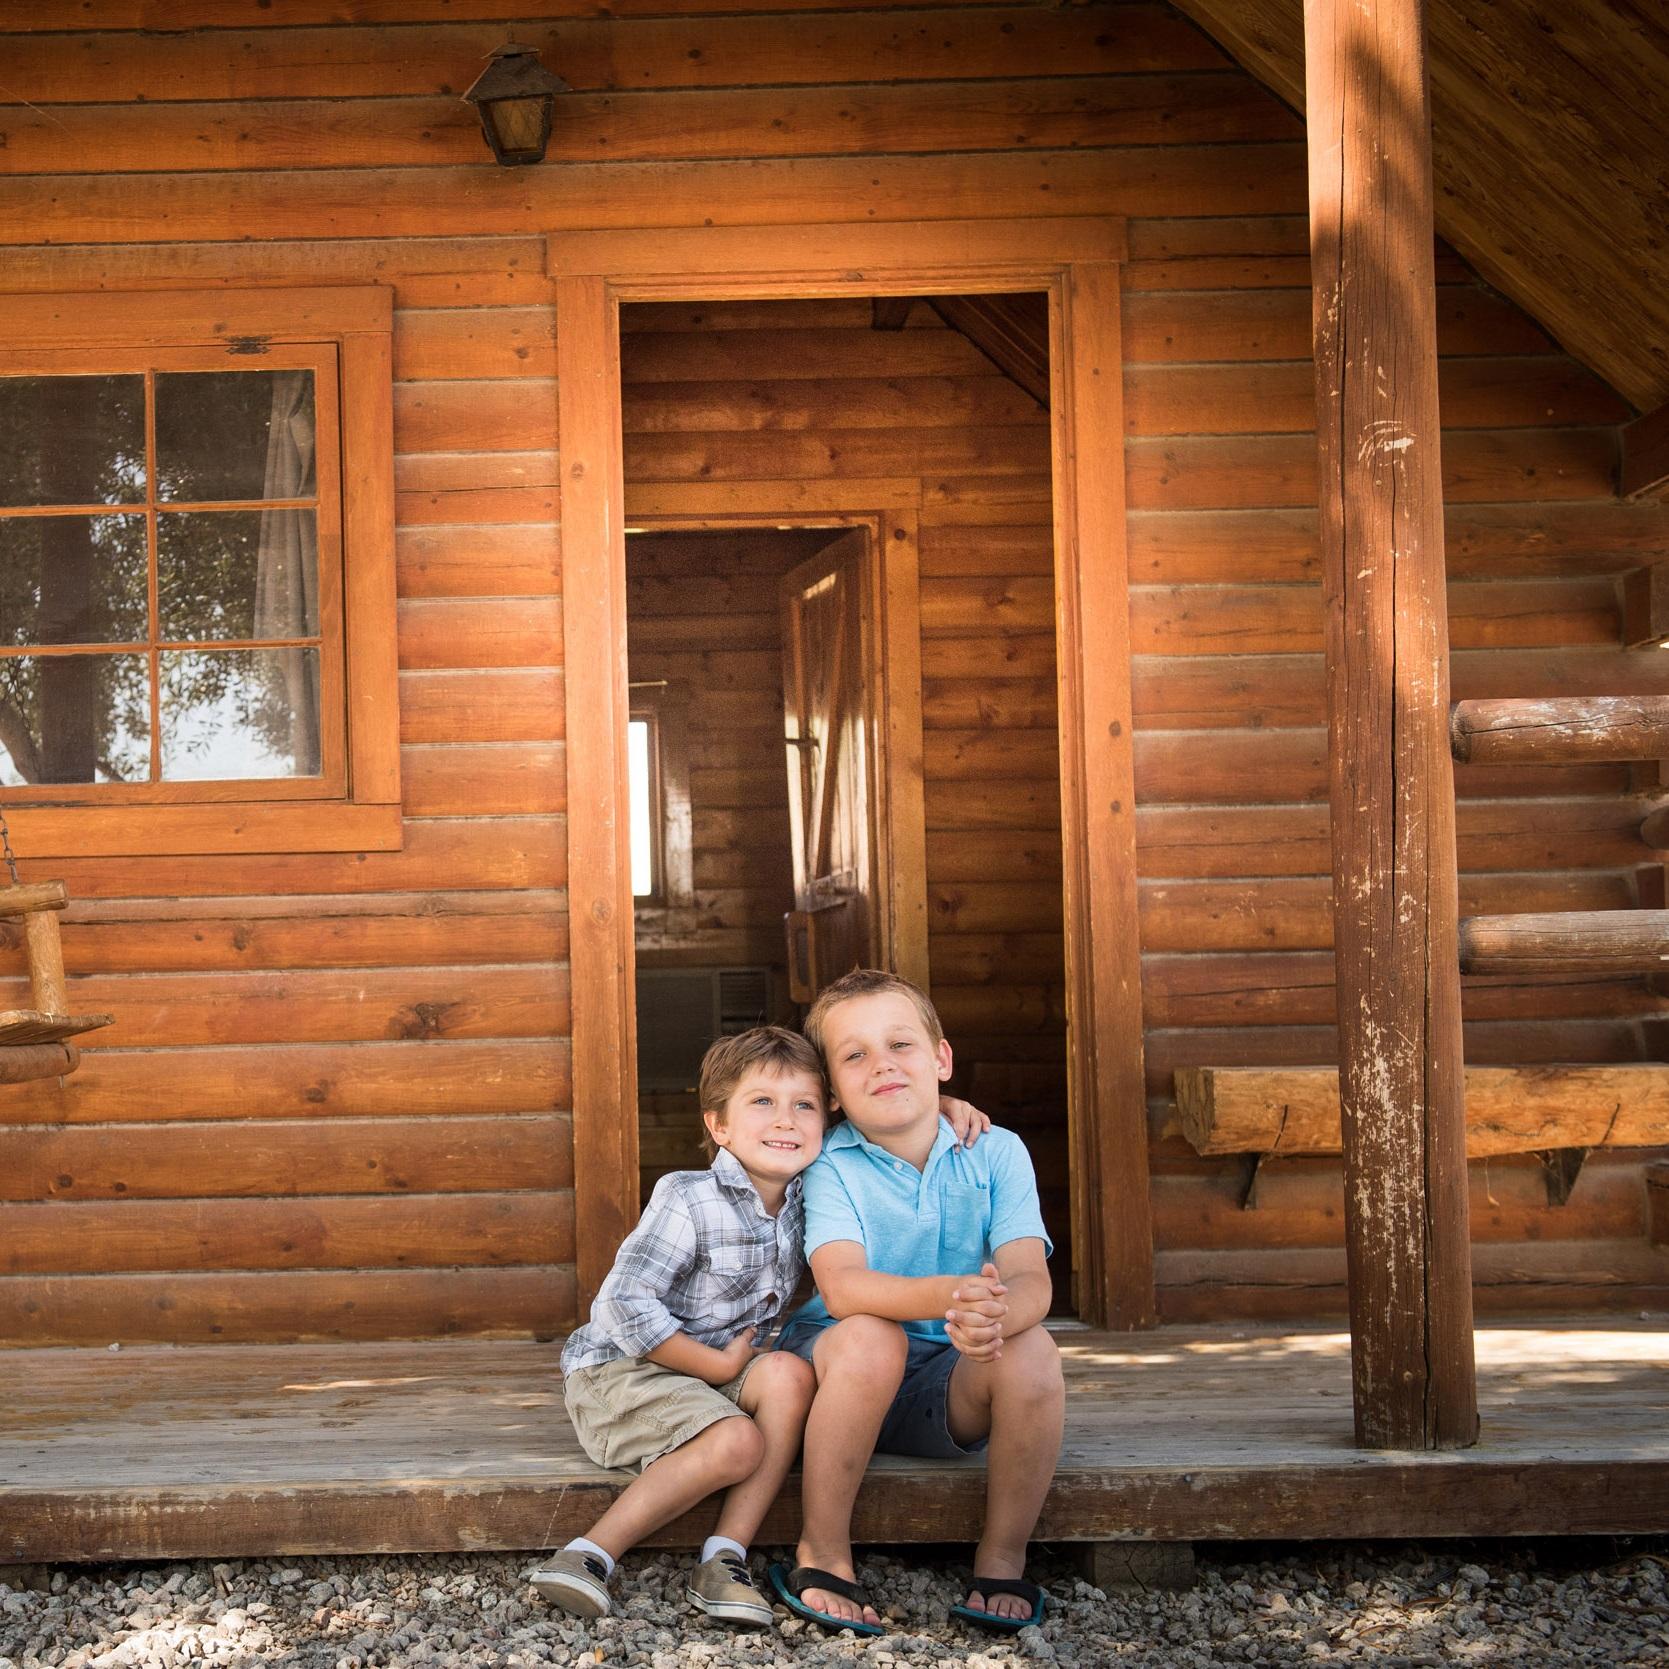 cabin-rental-deck-boys-together.jpg